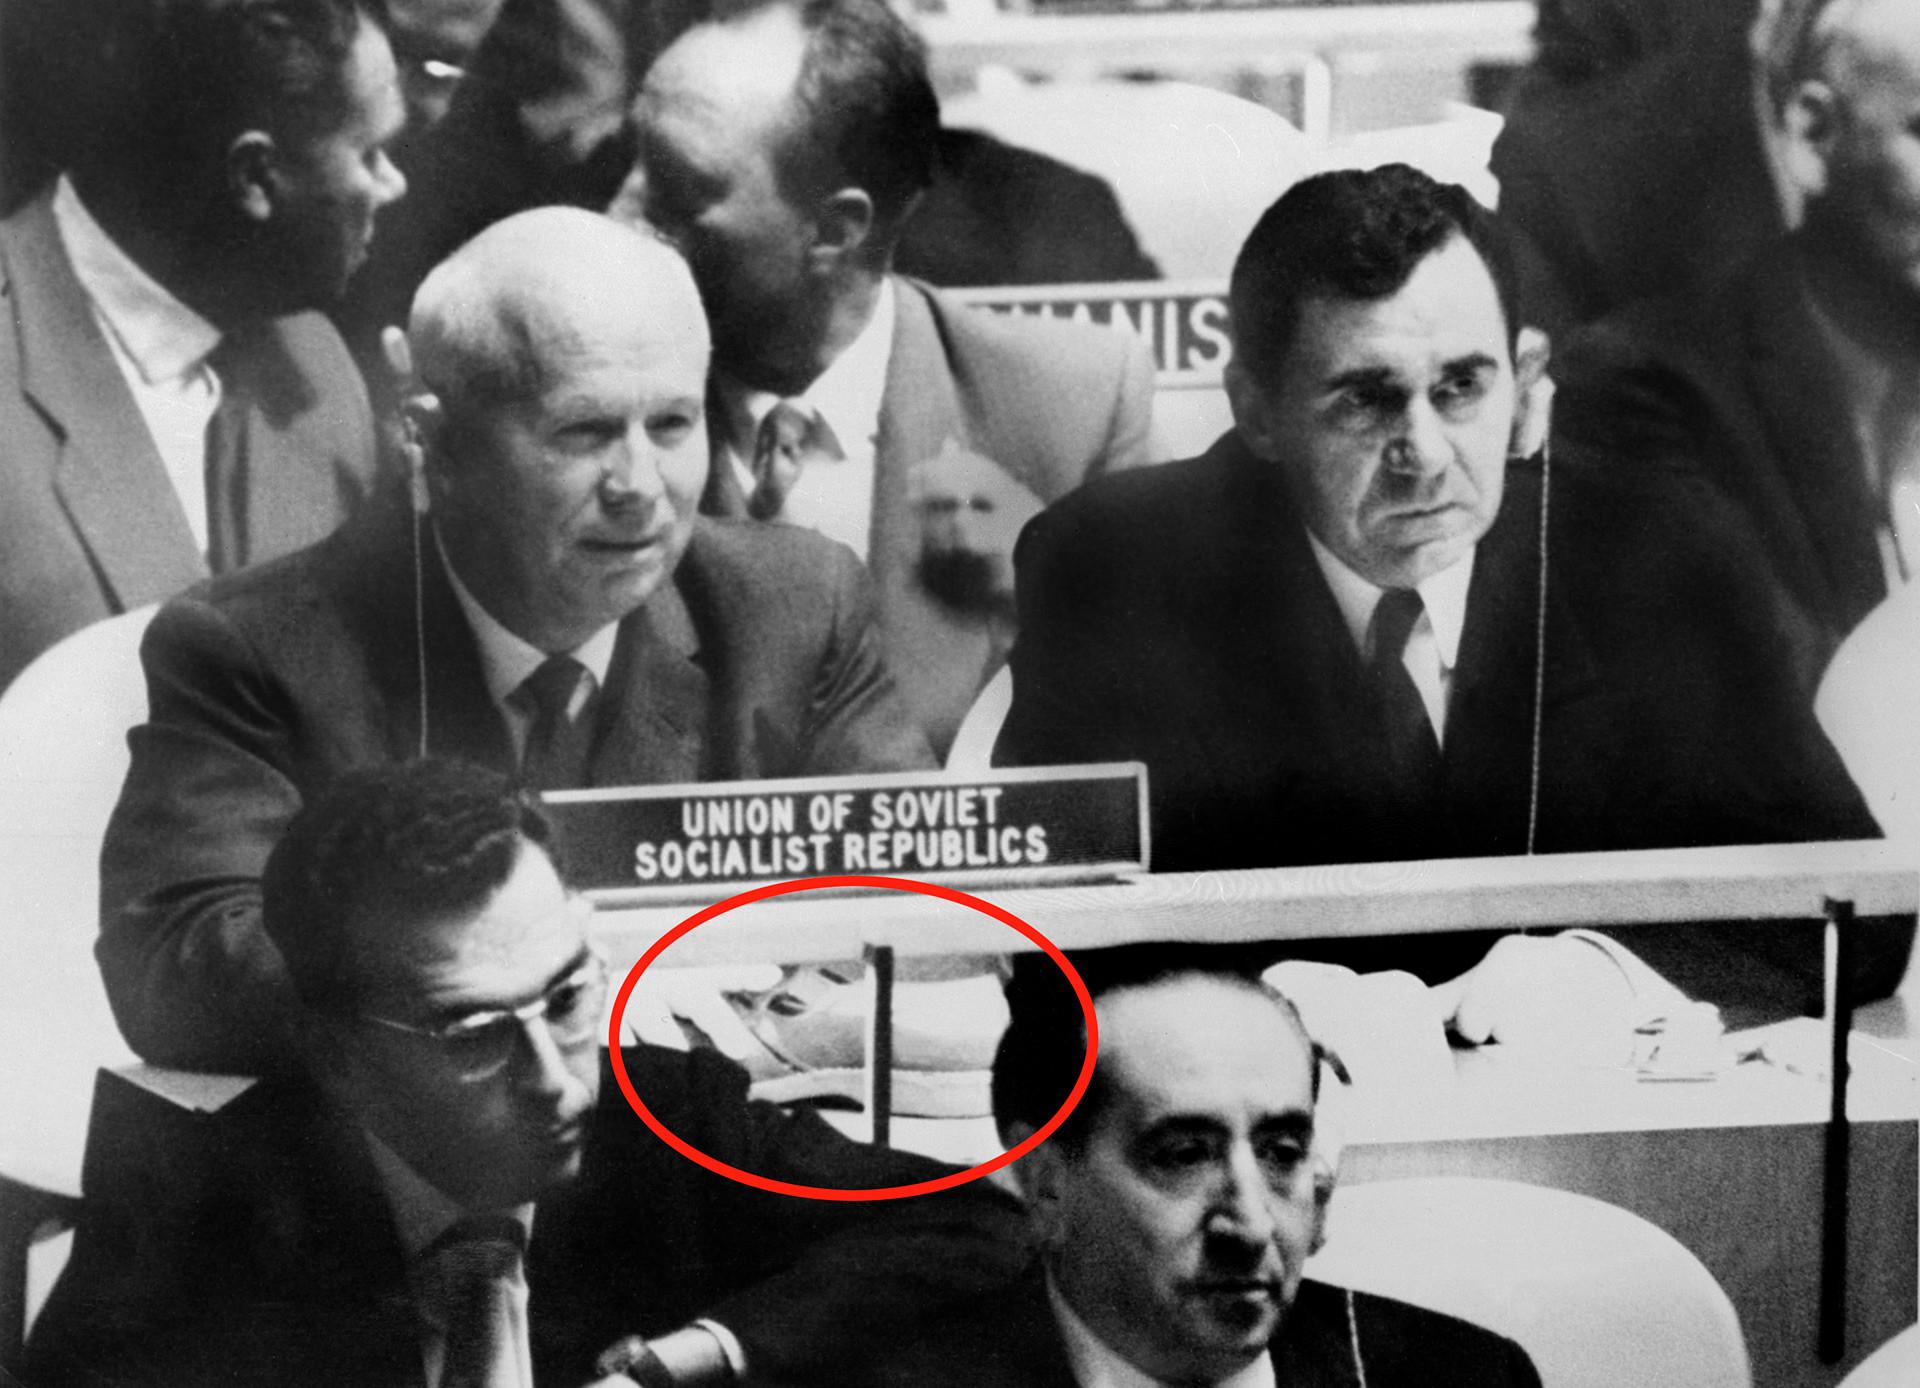 国連総会でのニキータ・フルシチョフとソ連のアンドレイ・グロムイコ外相(右)の実際の写真、 1960年10月12日。赤い丸で示されているのはフルシチョフの机の上に置いてある靴。